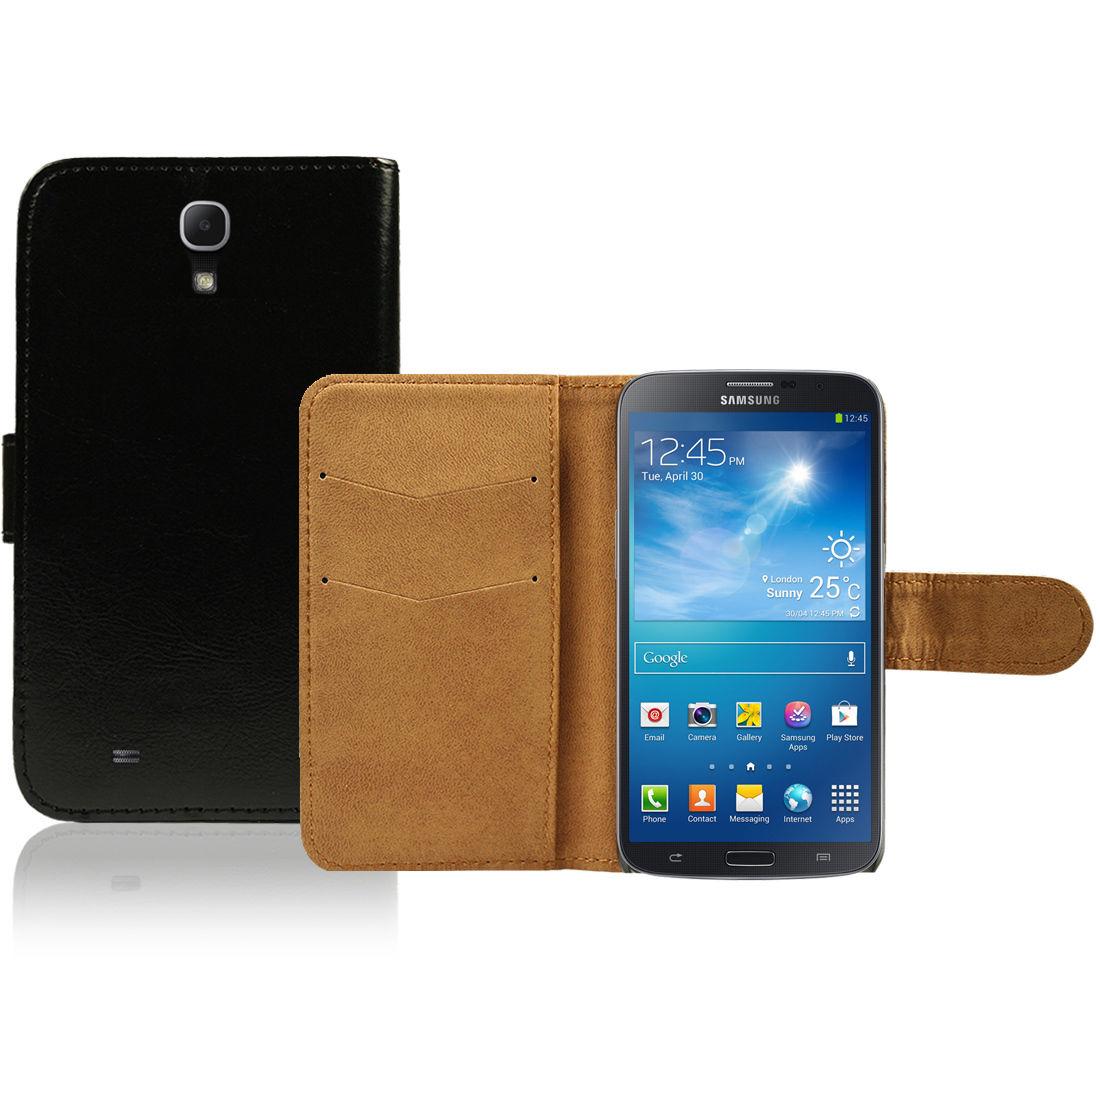 Pouzdro pro Samsung Galaxy Mega 6.3 I9200 černé